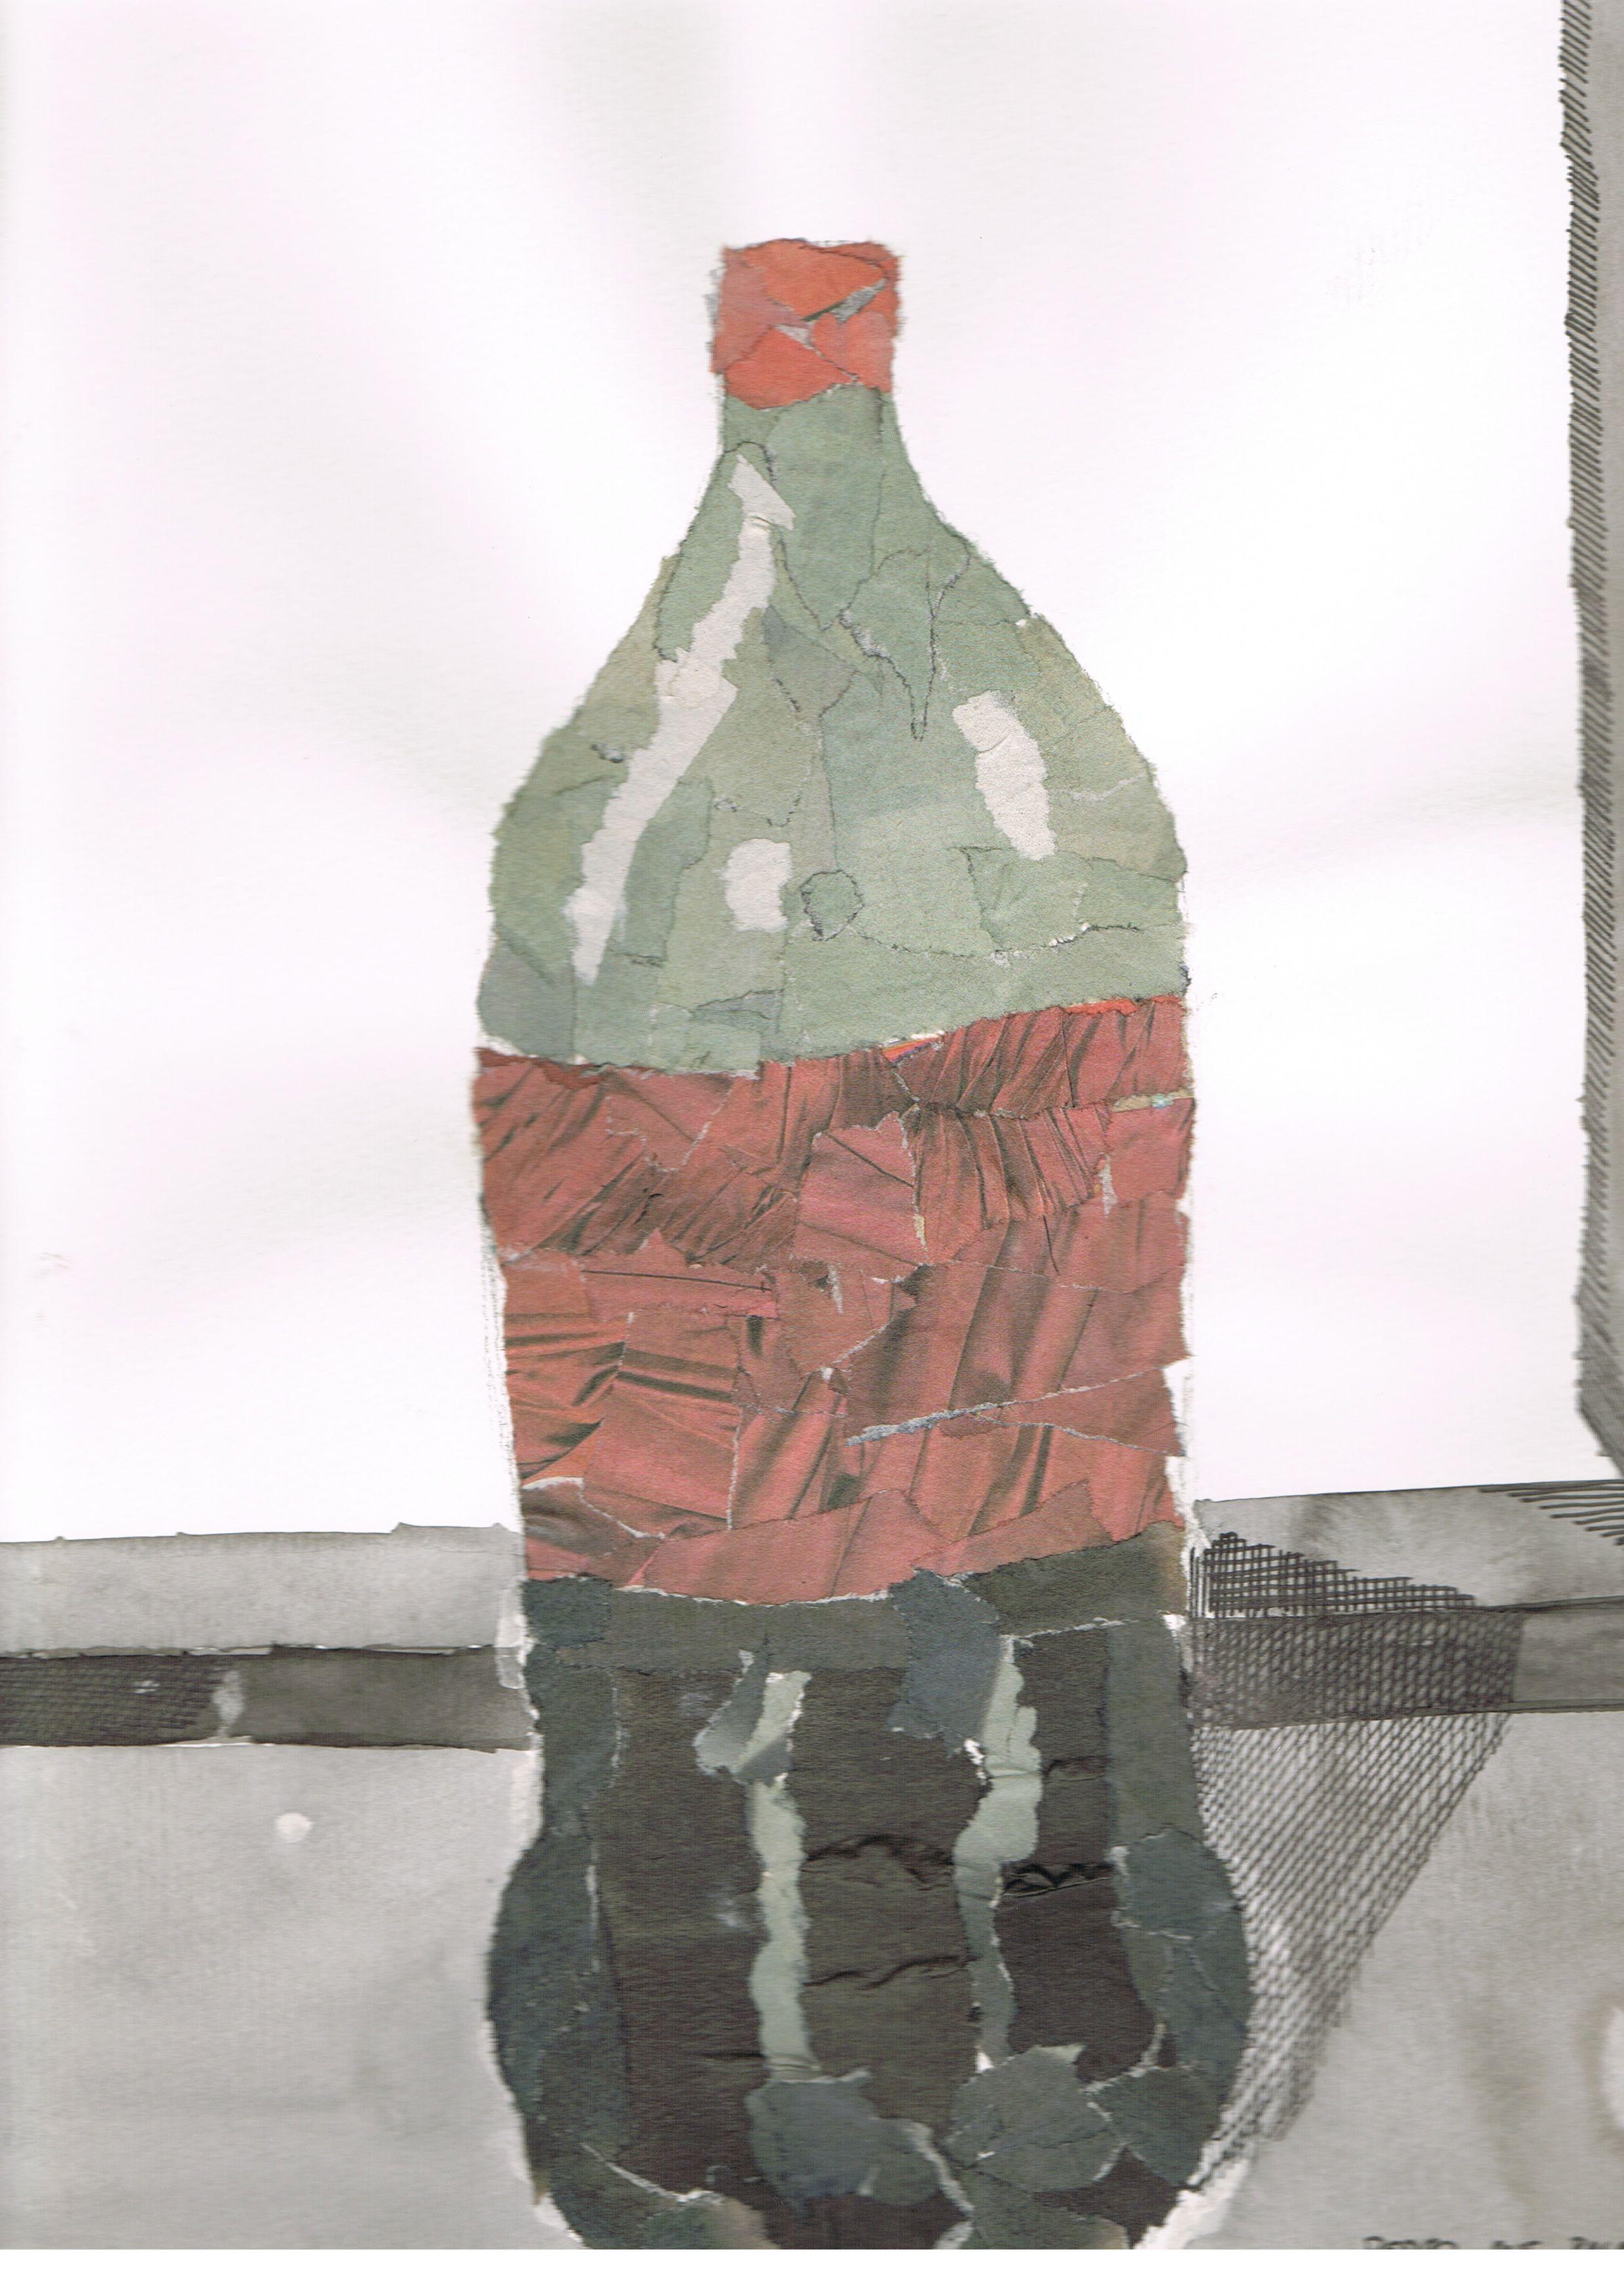 Dibujo Tecnica Mixta Tinta China Aguada Tinta Estilografo Y Papel De Periodico Autor Pedro Palazon Yepes Estilografo Tecnicas De Dibujo Tinta China